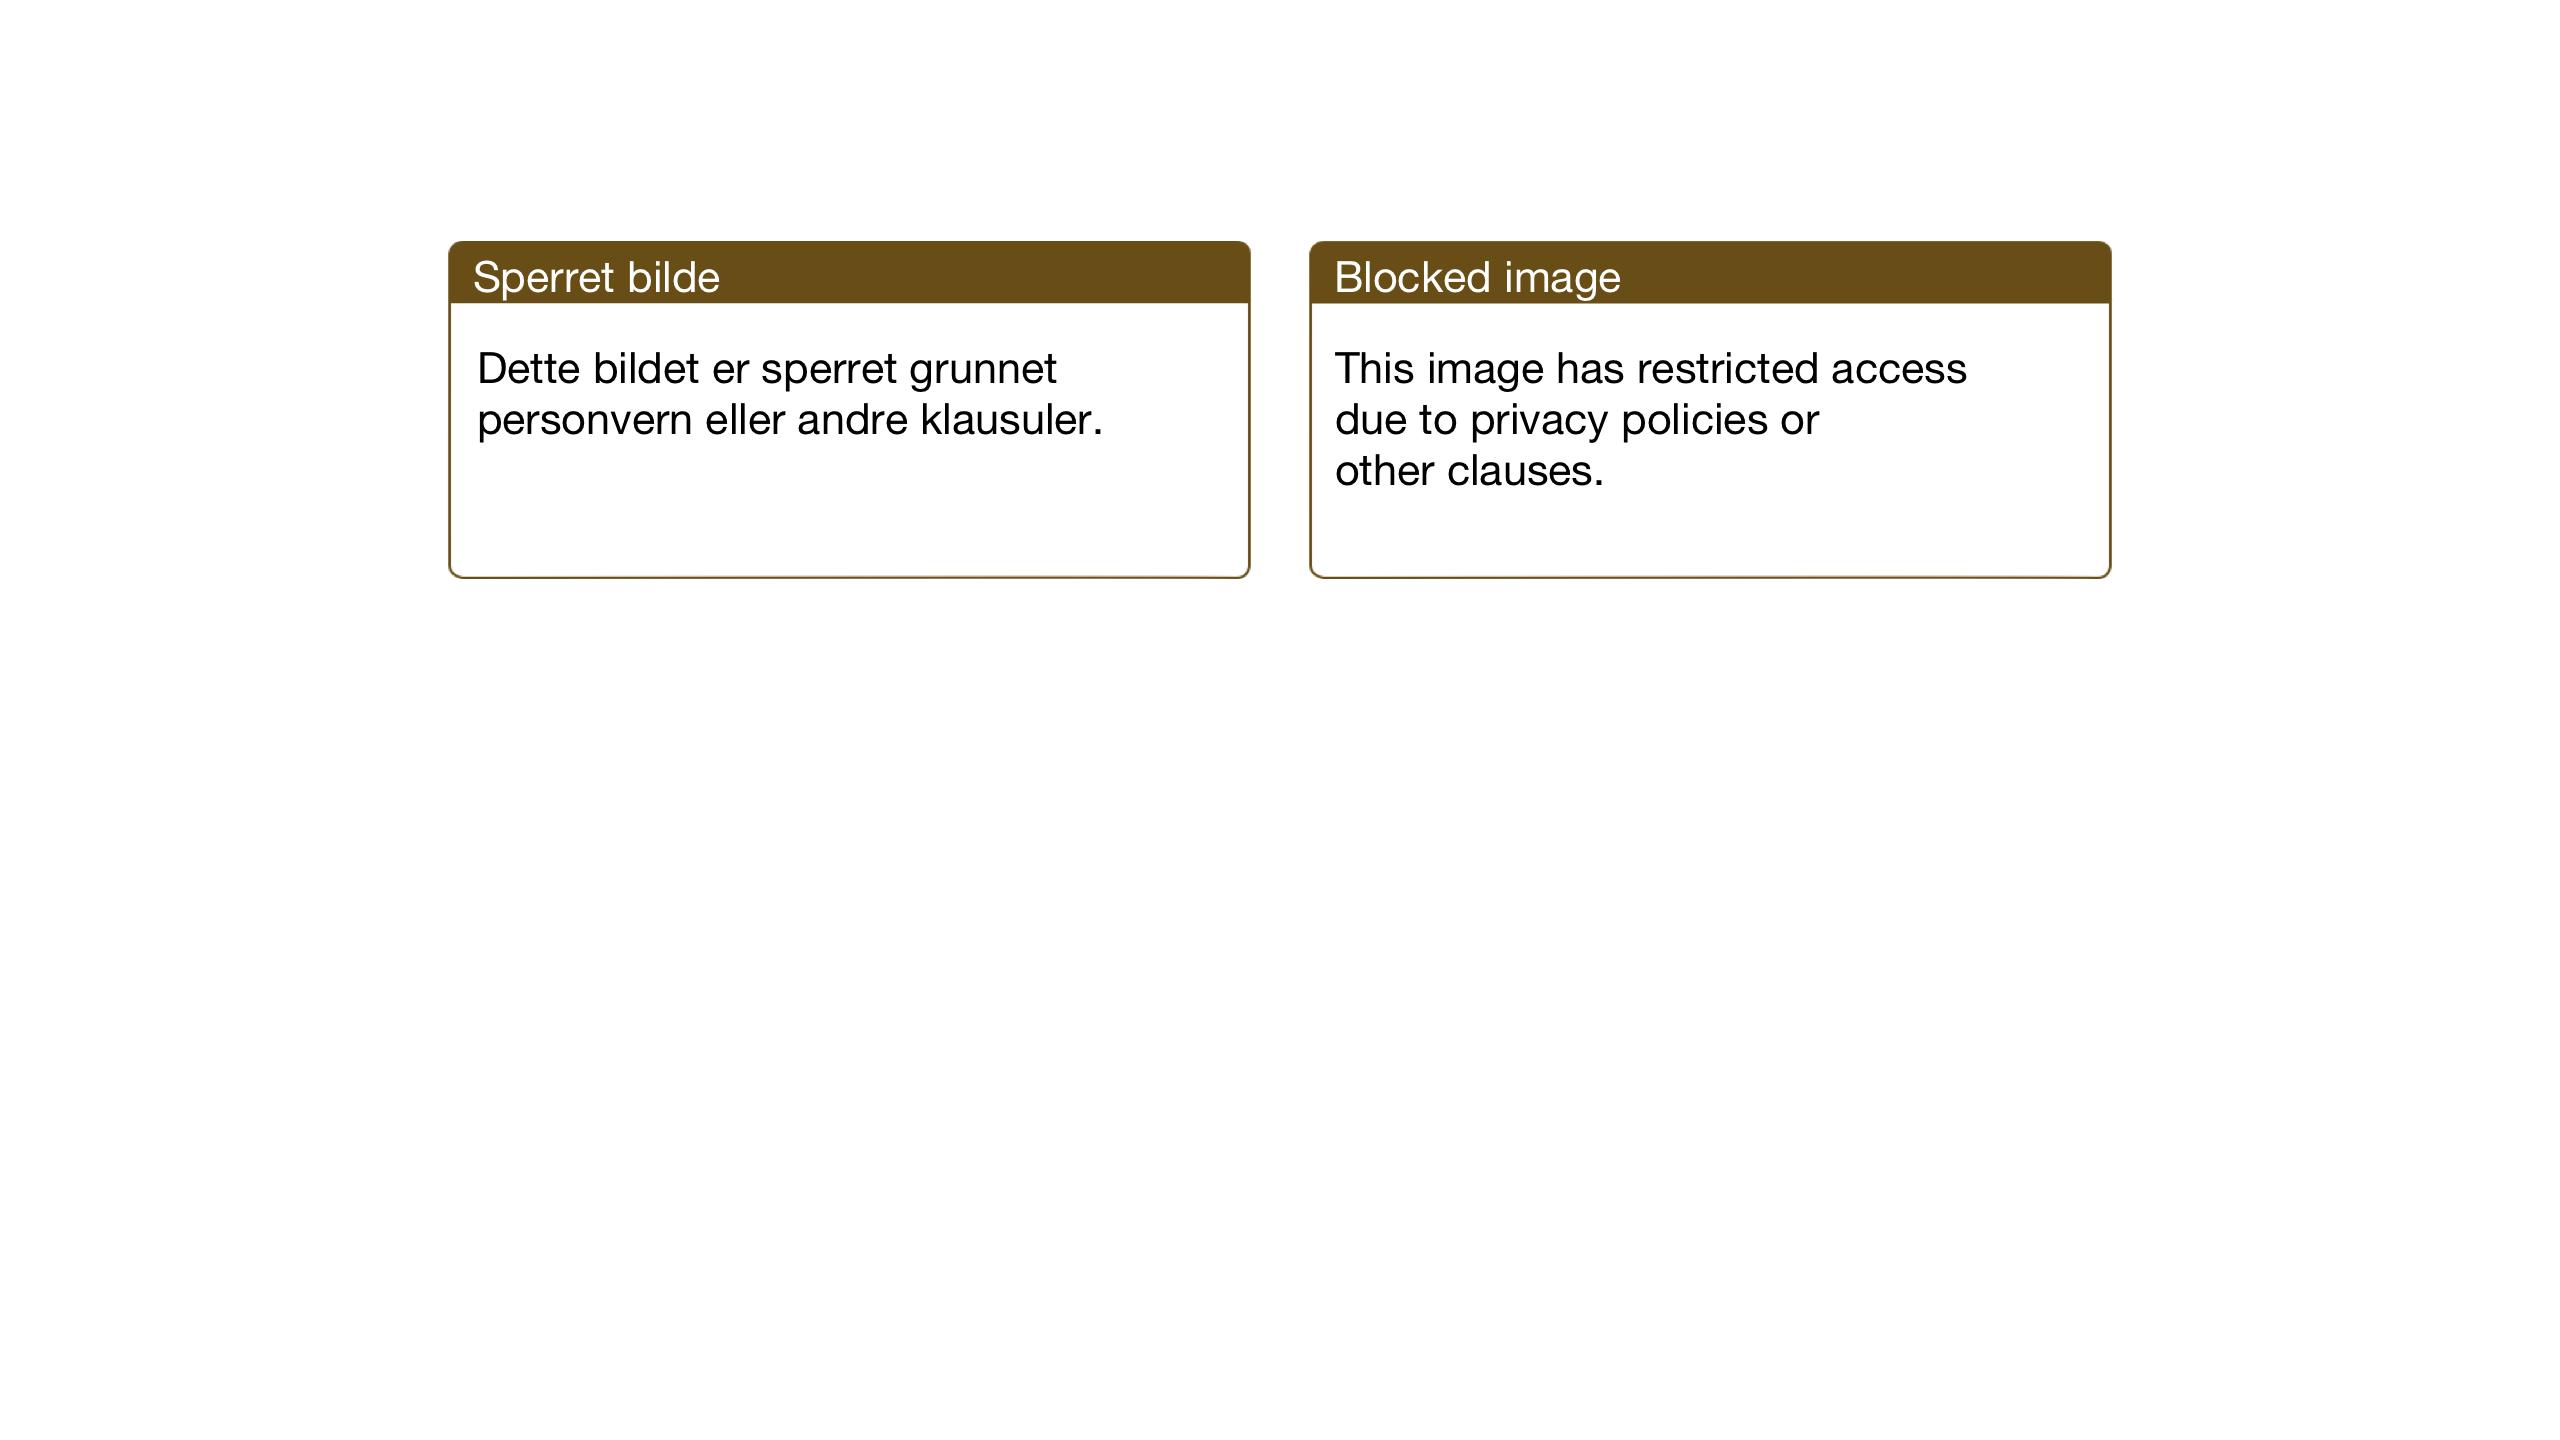 SAT, Ministerialprotokoller, klokkerbøker og fødselsregistre - Sør-Trøndelag, 635/L0554: Klokkerbok nr. 635C02, 1919-1942, s. 40